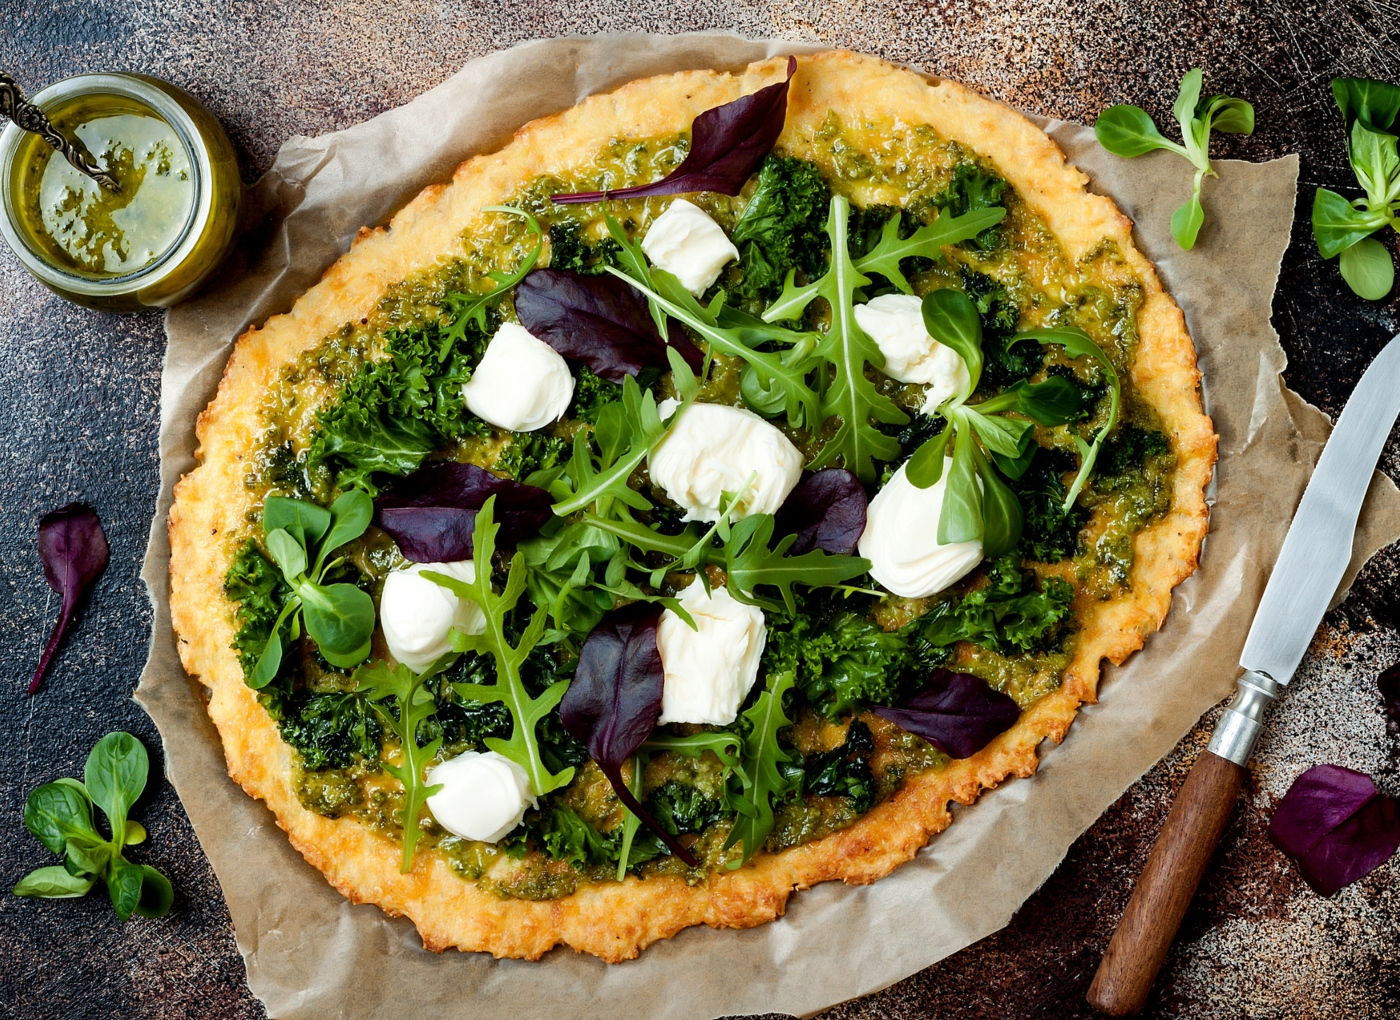 Massa de pizza à base de legumes: couve-flor